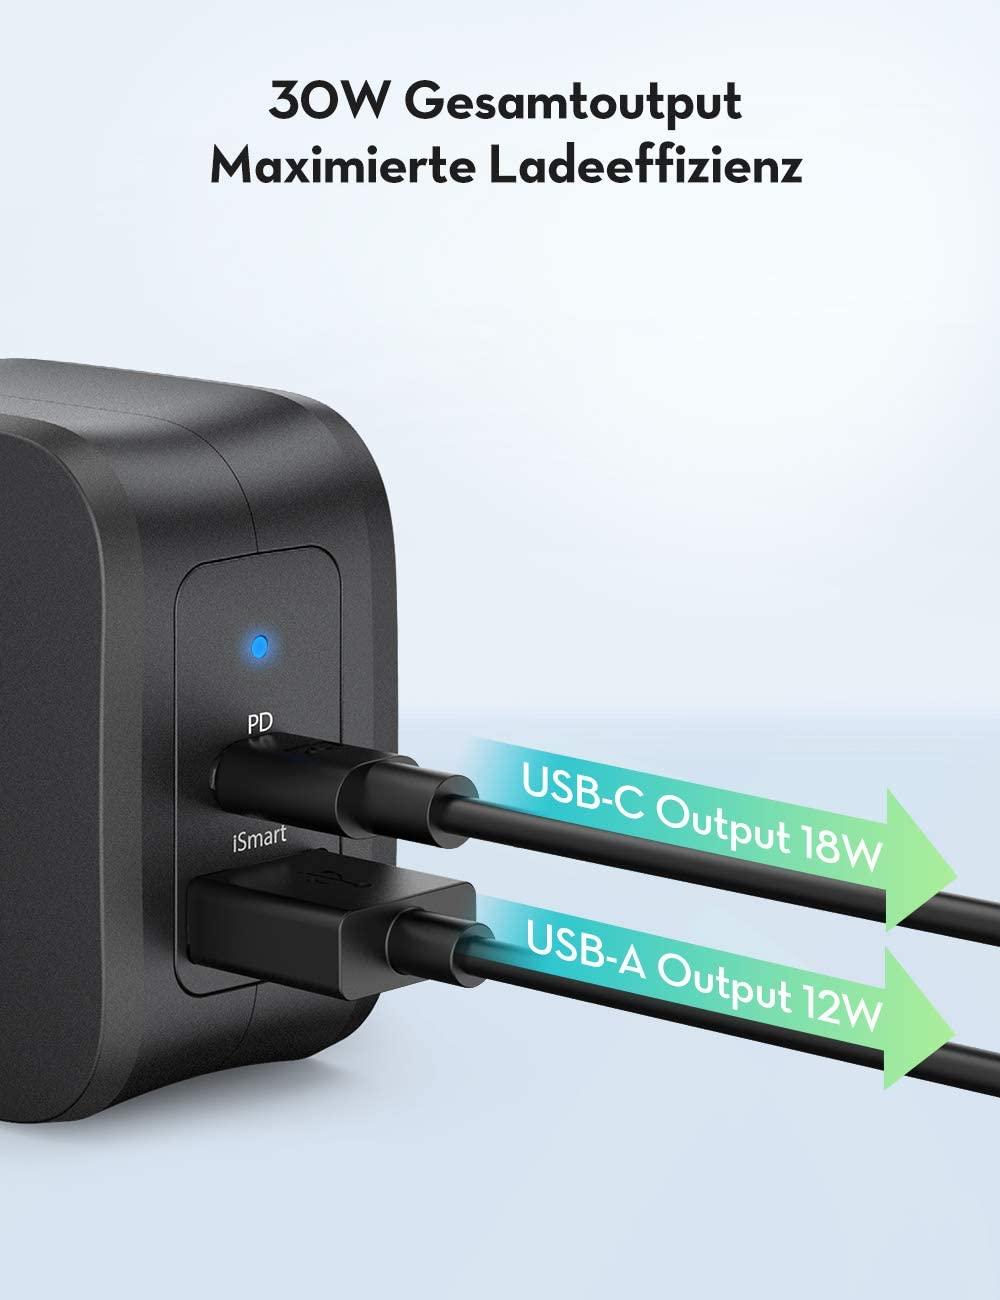 RAVPower RP PC132 USB C Ladegerät mit 30W Preisjäger